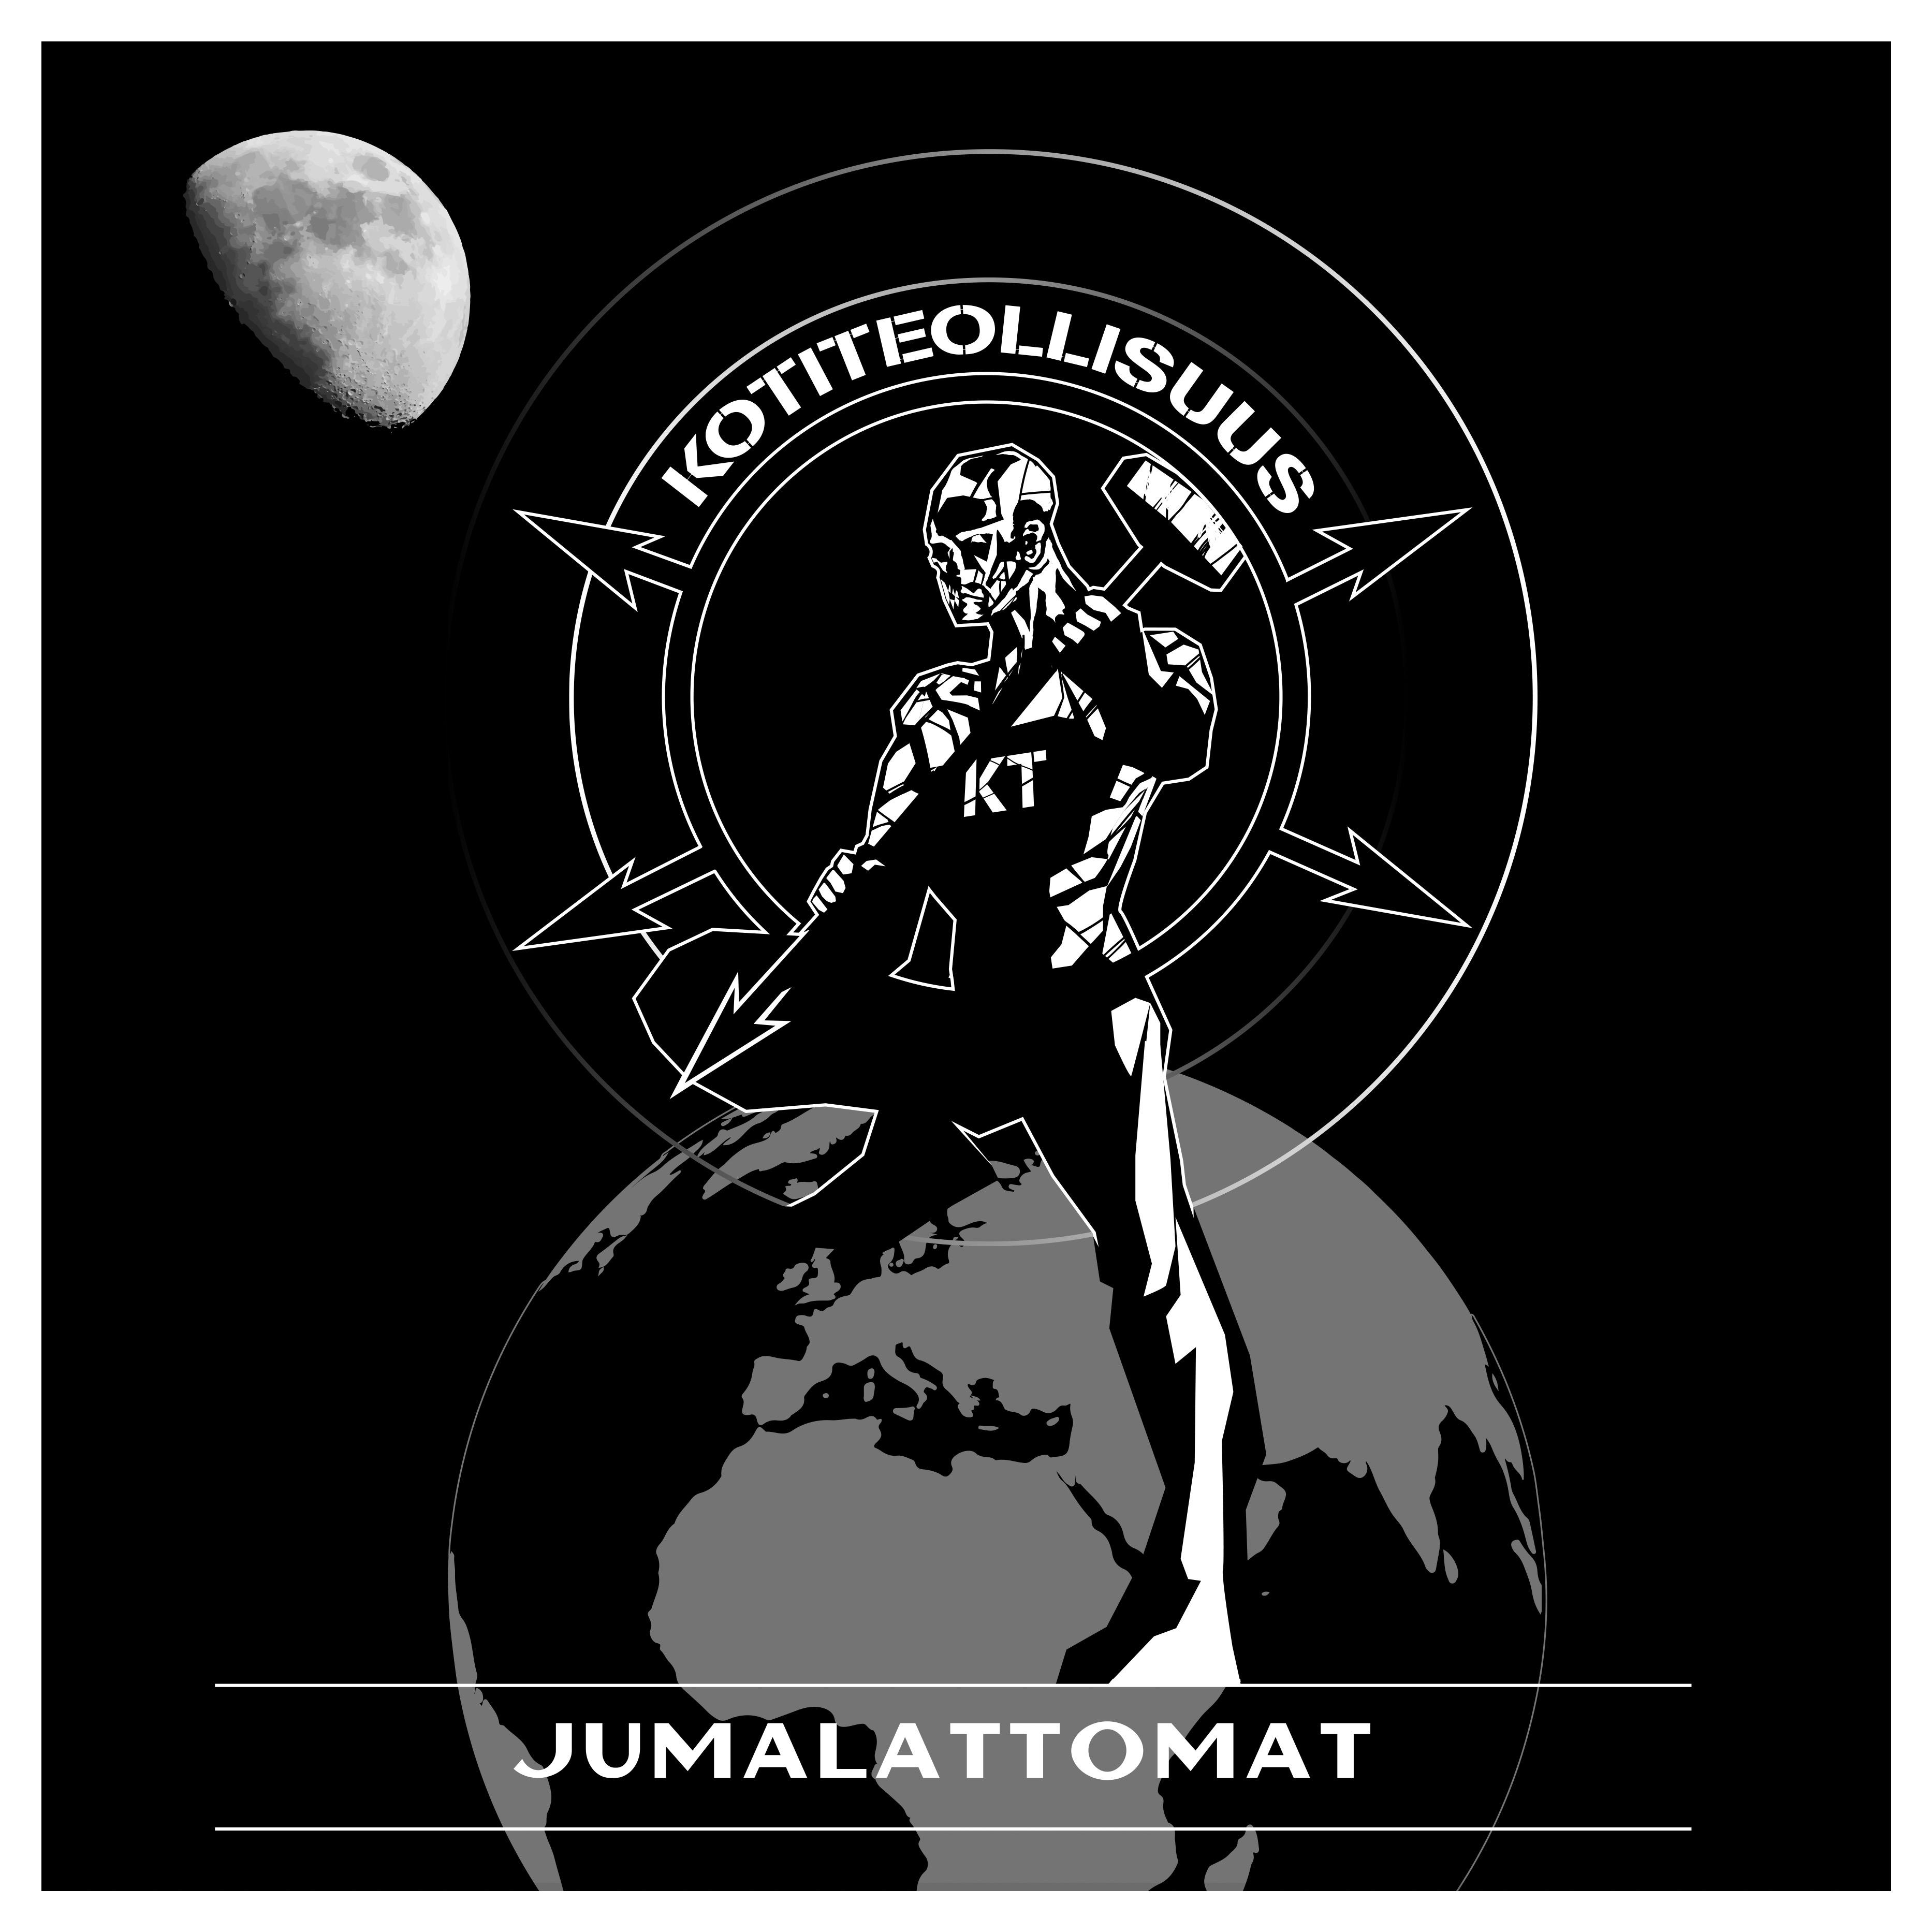 """CD -levy: Kotiteollisuus - """"Jumalattomat"""" Cd- levy"""